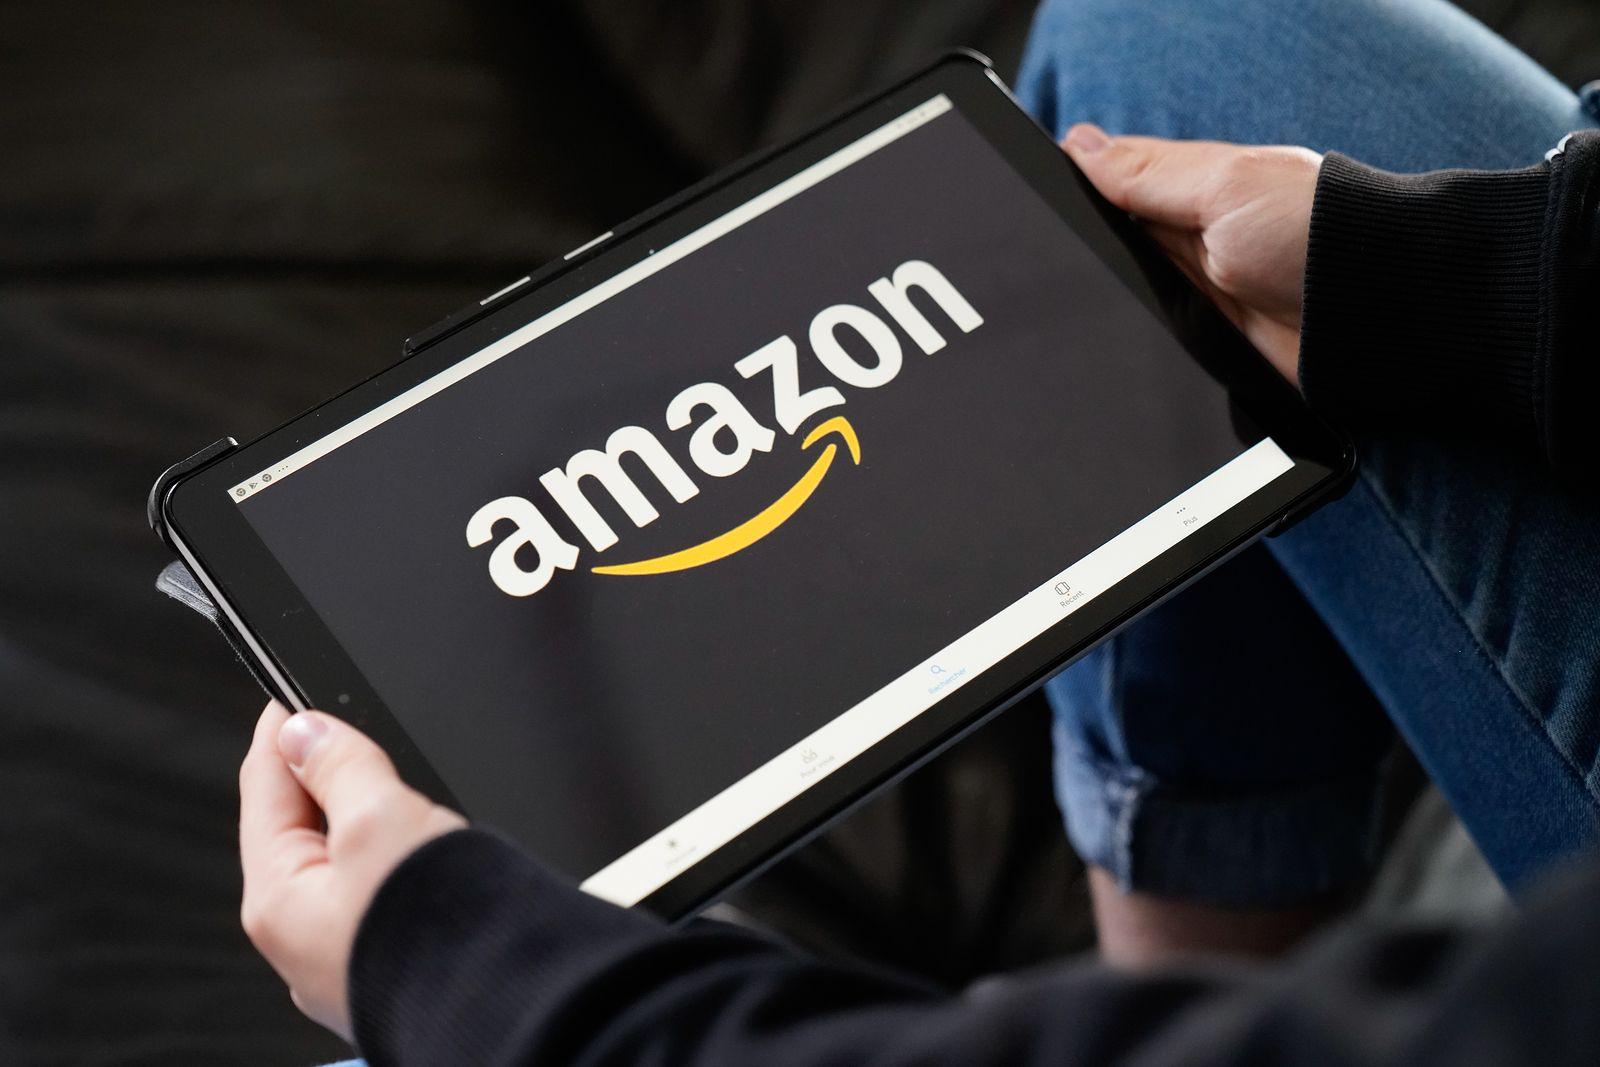 Vídeo | Una investigación sobre Amazon en Canadá revela donde acaban los productos devueltos